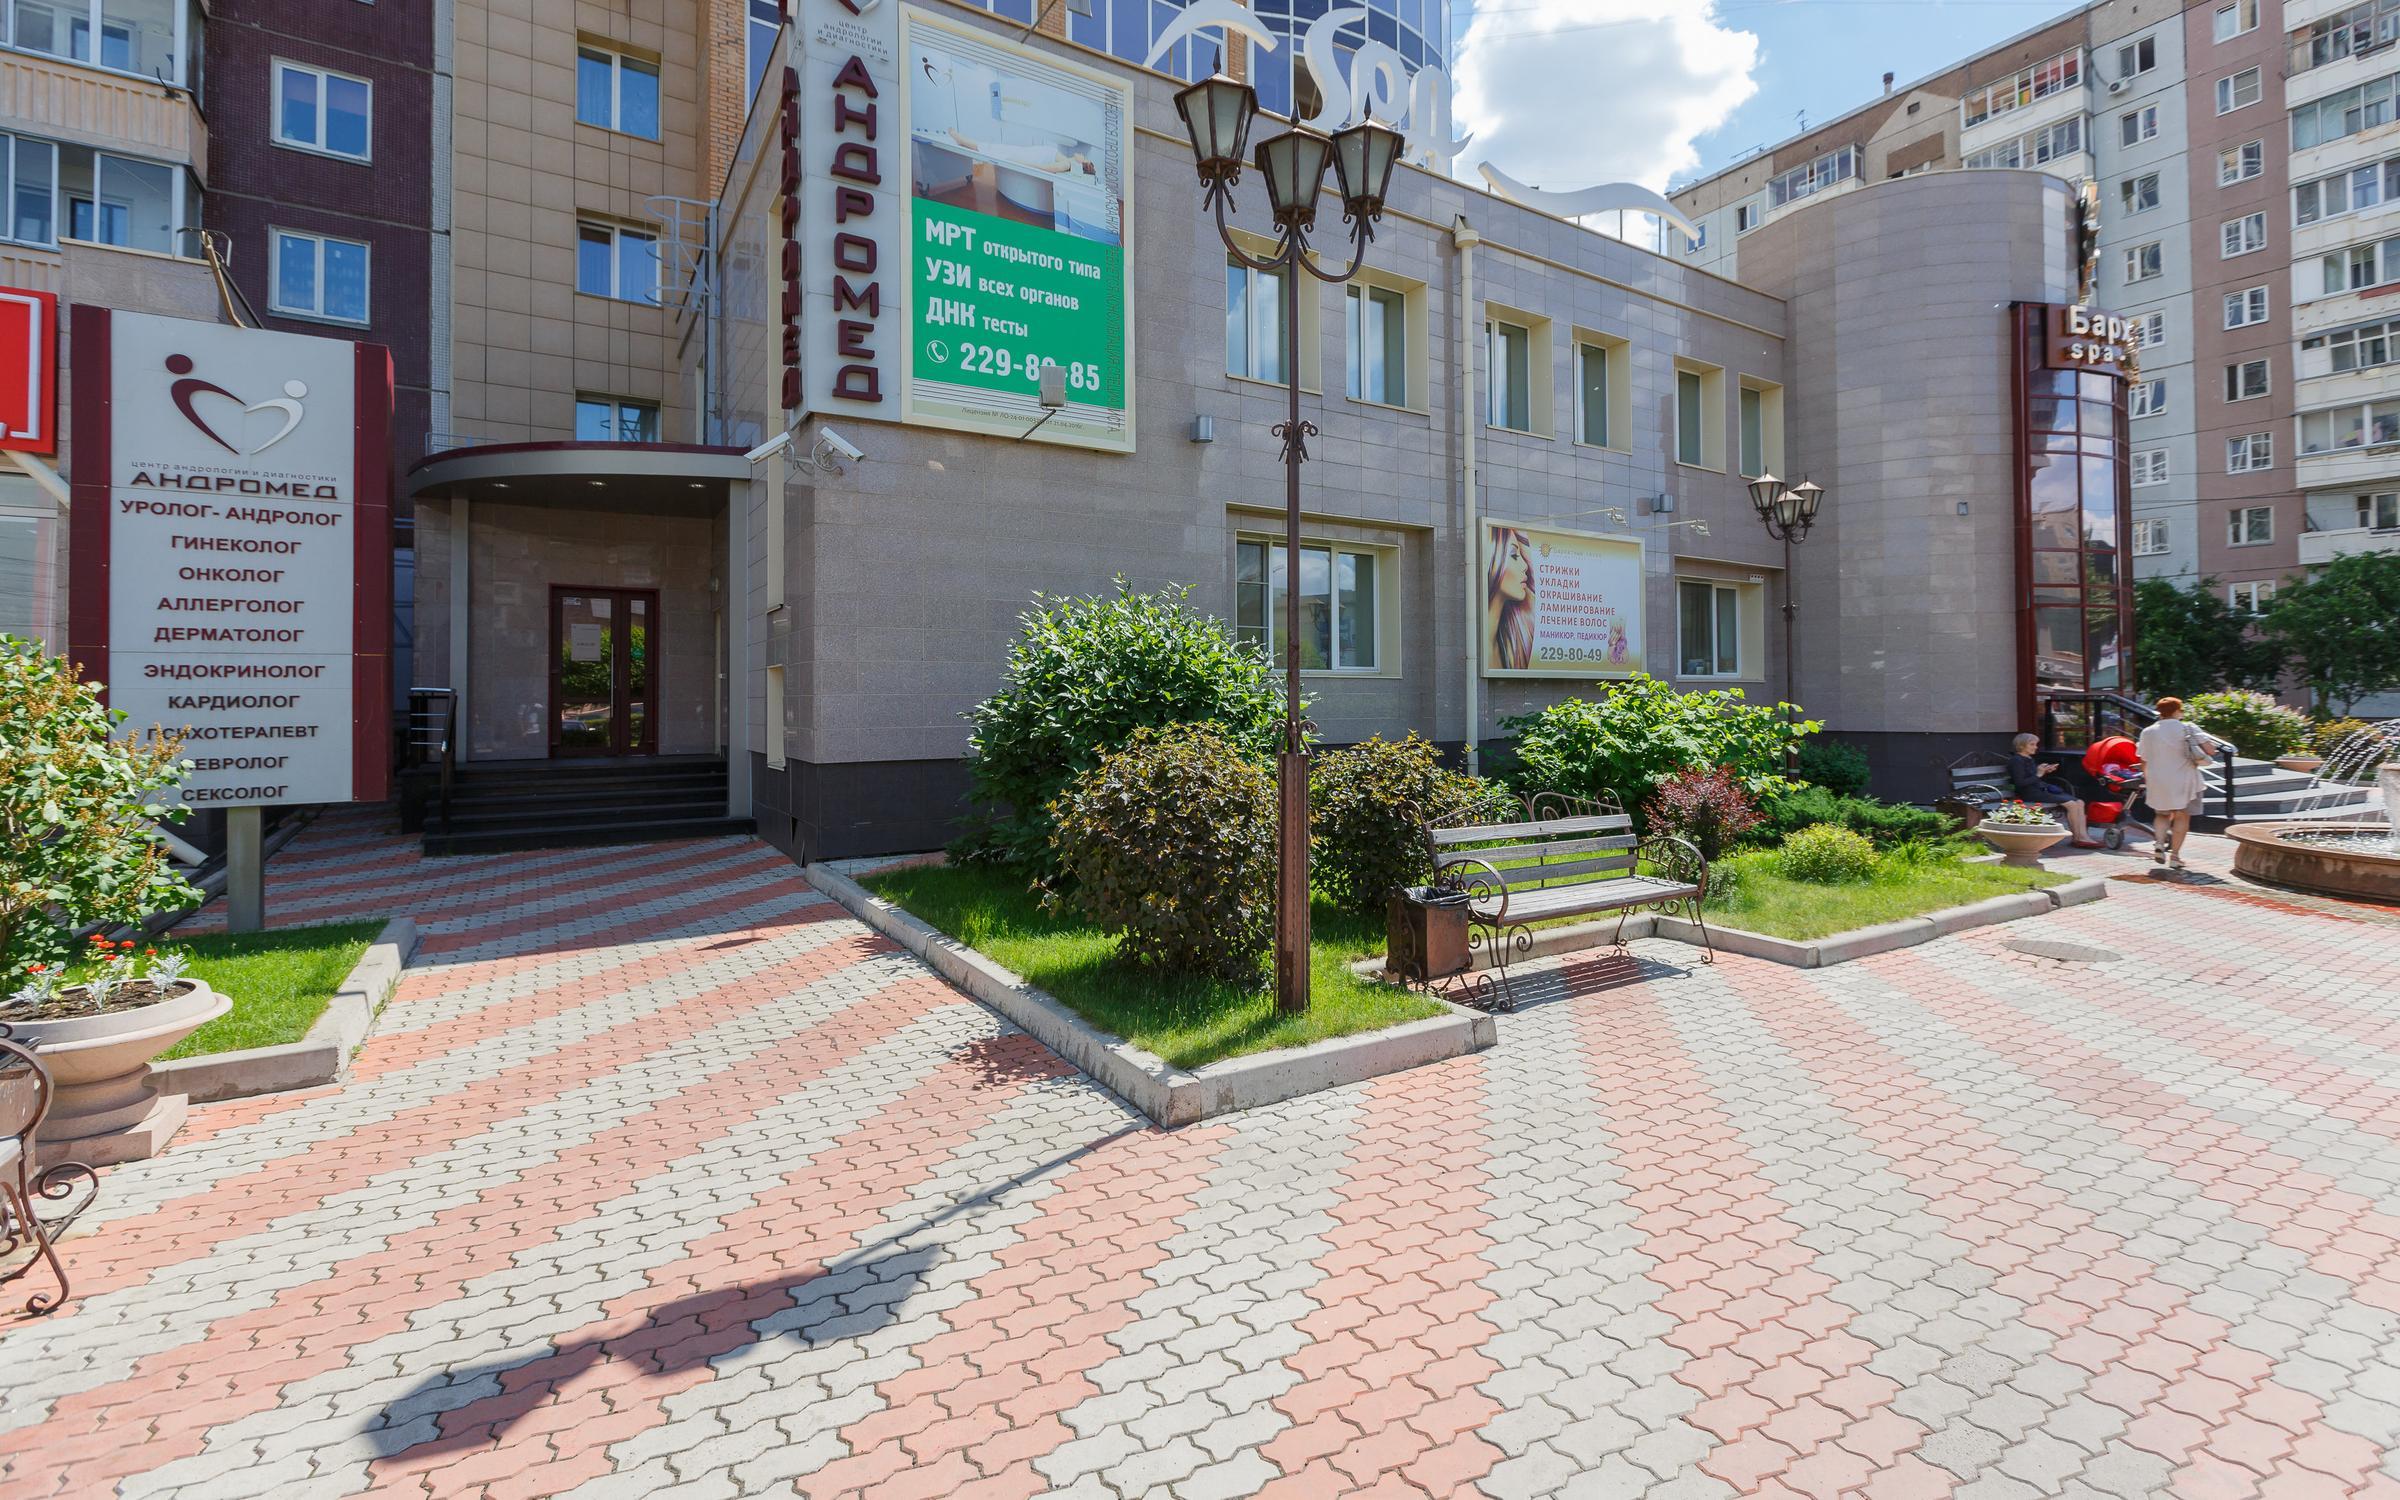 фотография Центра андрологии и диагностики Андромед на улице Весны